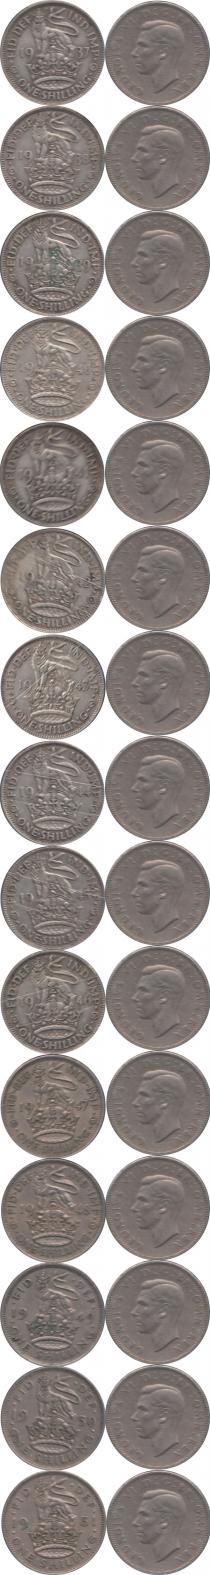 Каталог - подарочный набор  Великобритания Королевский шиллинг Георга